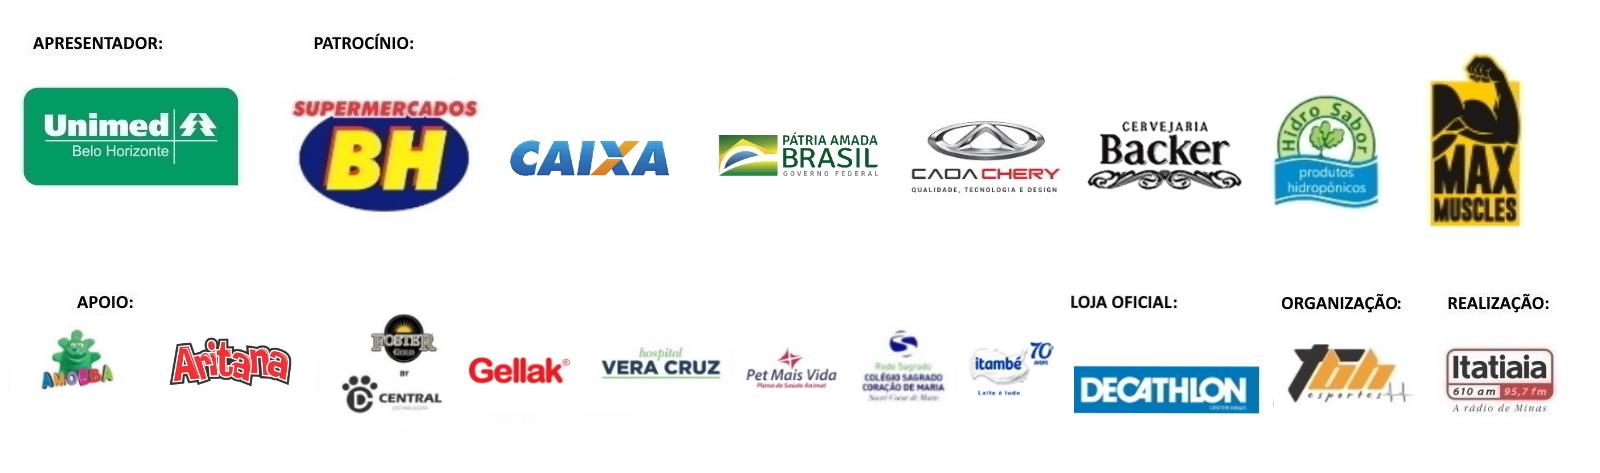 Corrida-da-Itatiaia-Barra-de-Logos-5-11